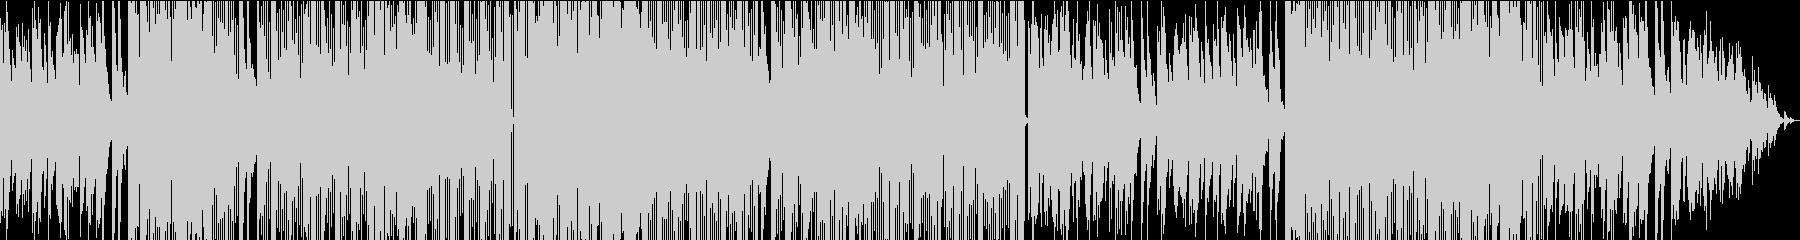 切ないメロディのR&B系バラードの未再生の波形